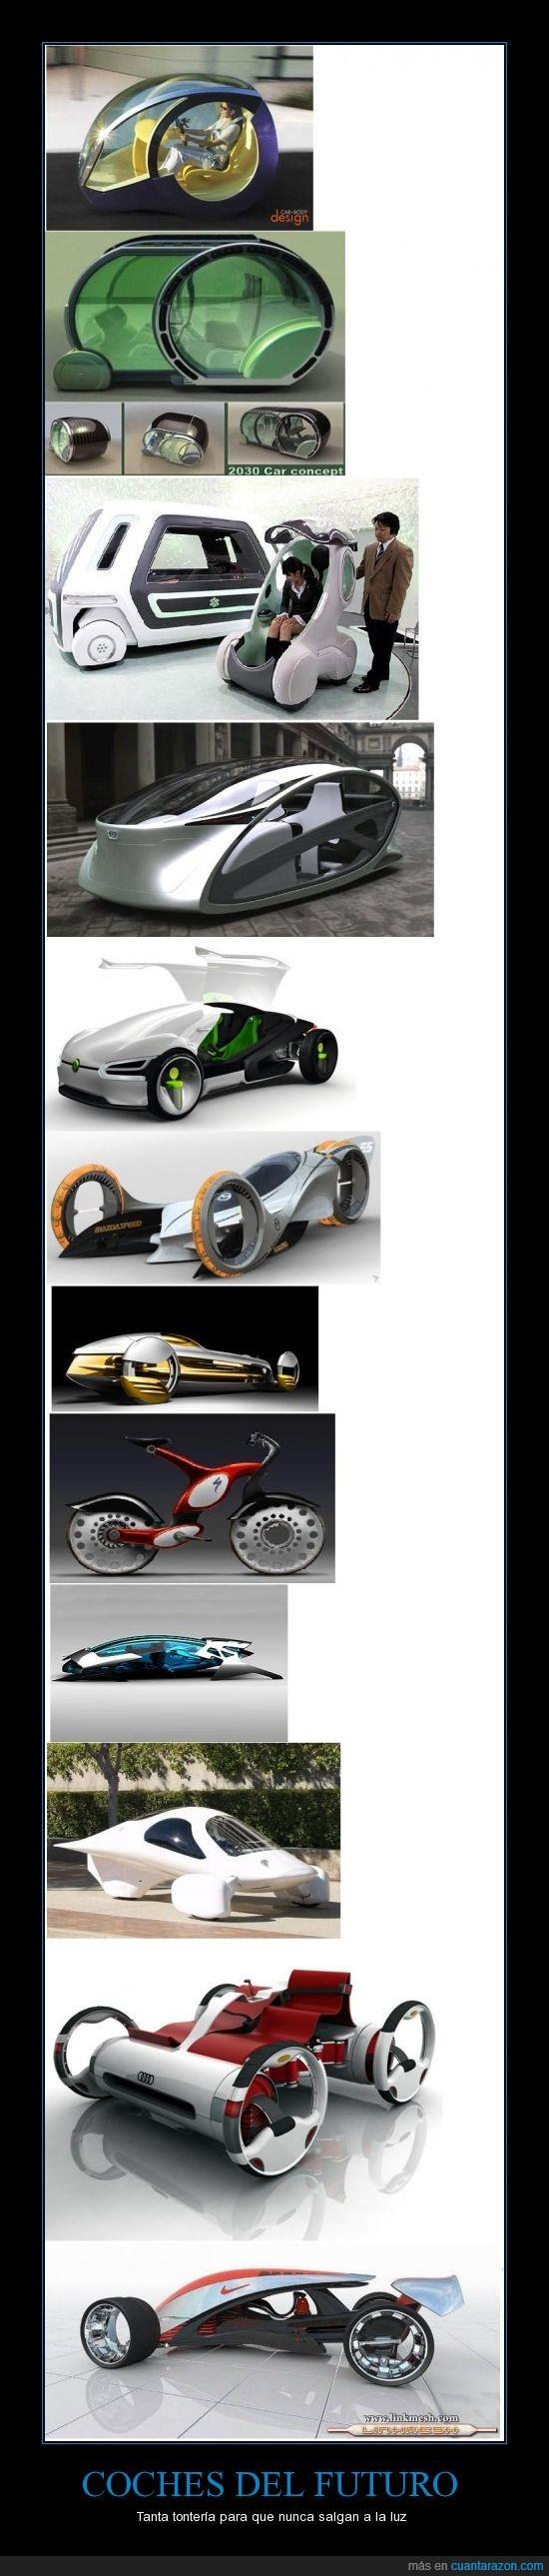 bici,coches,futuro